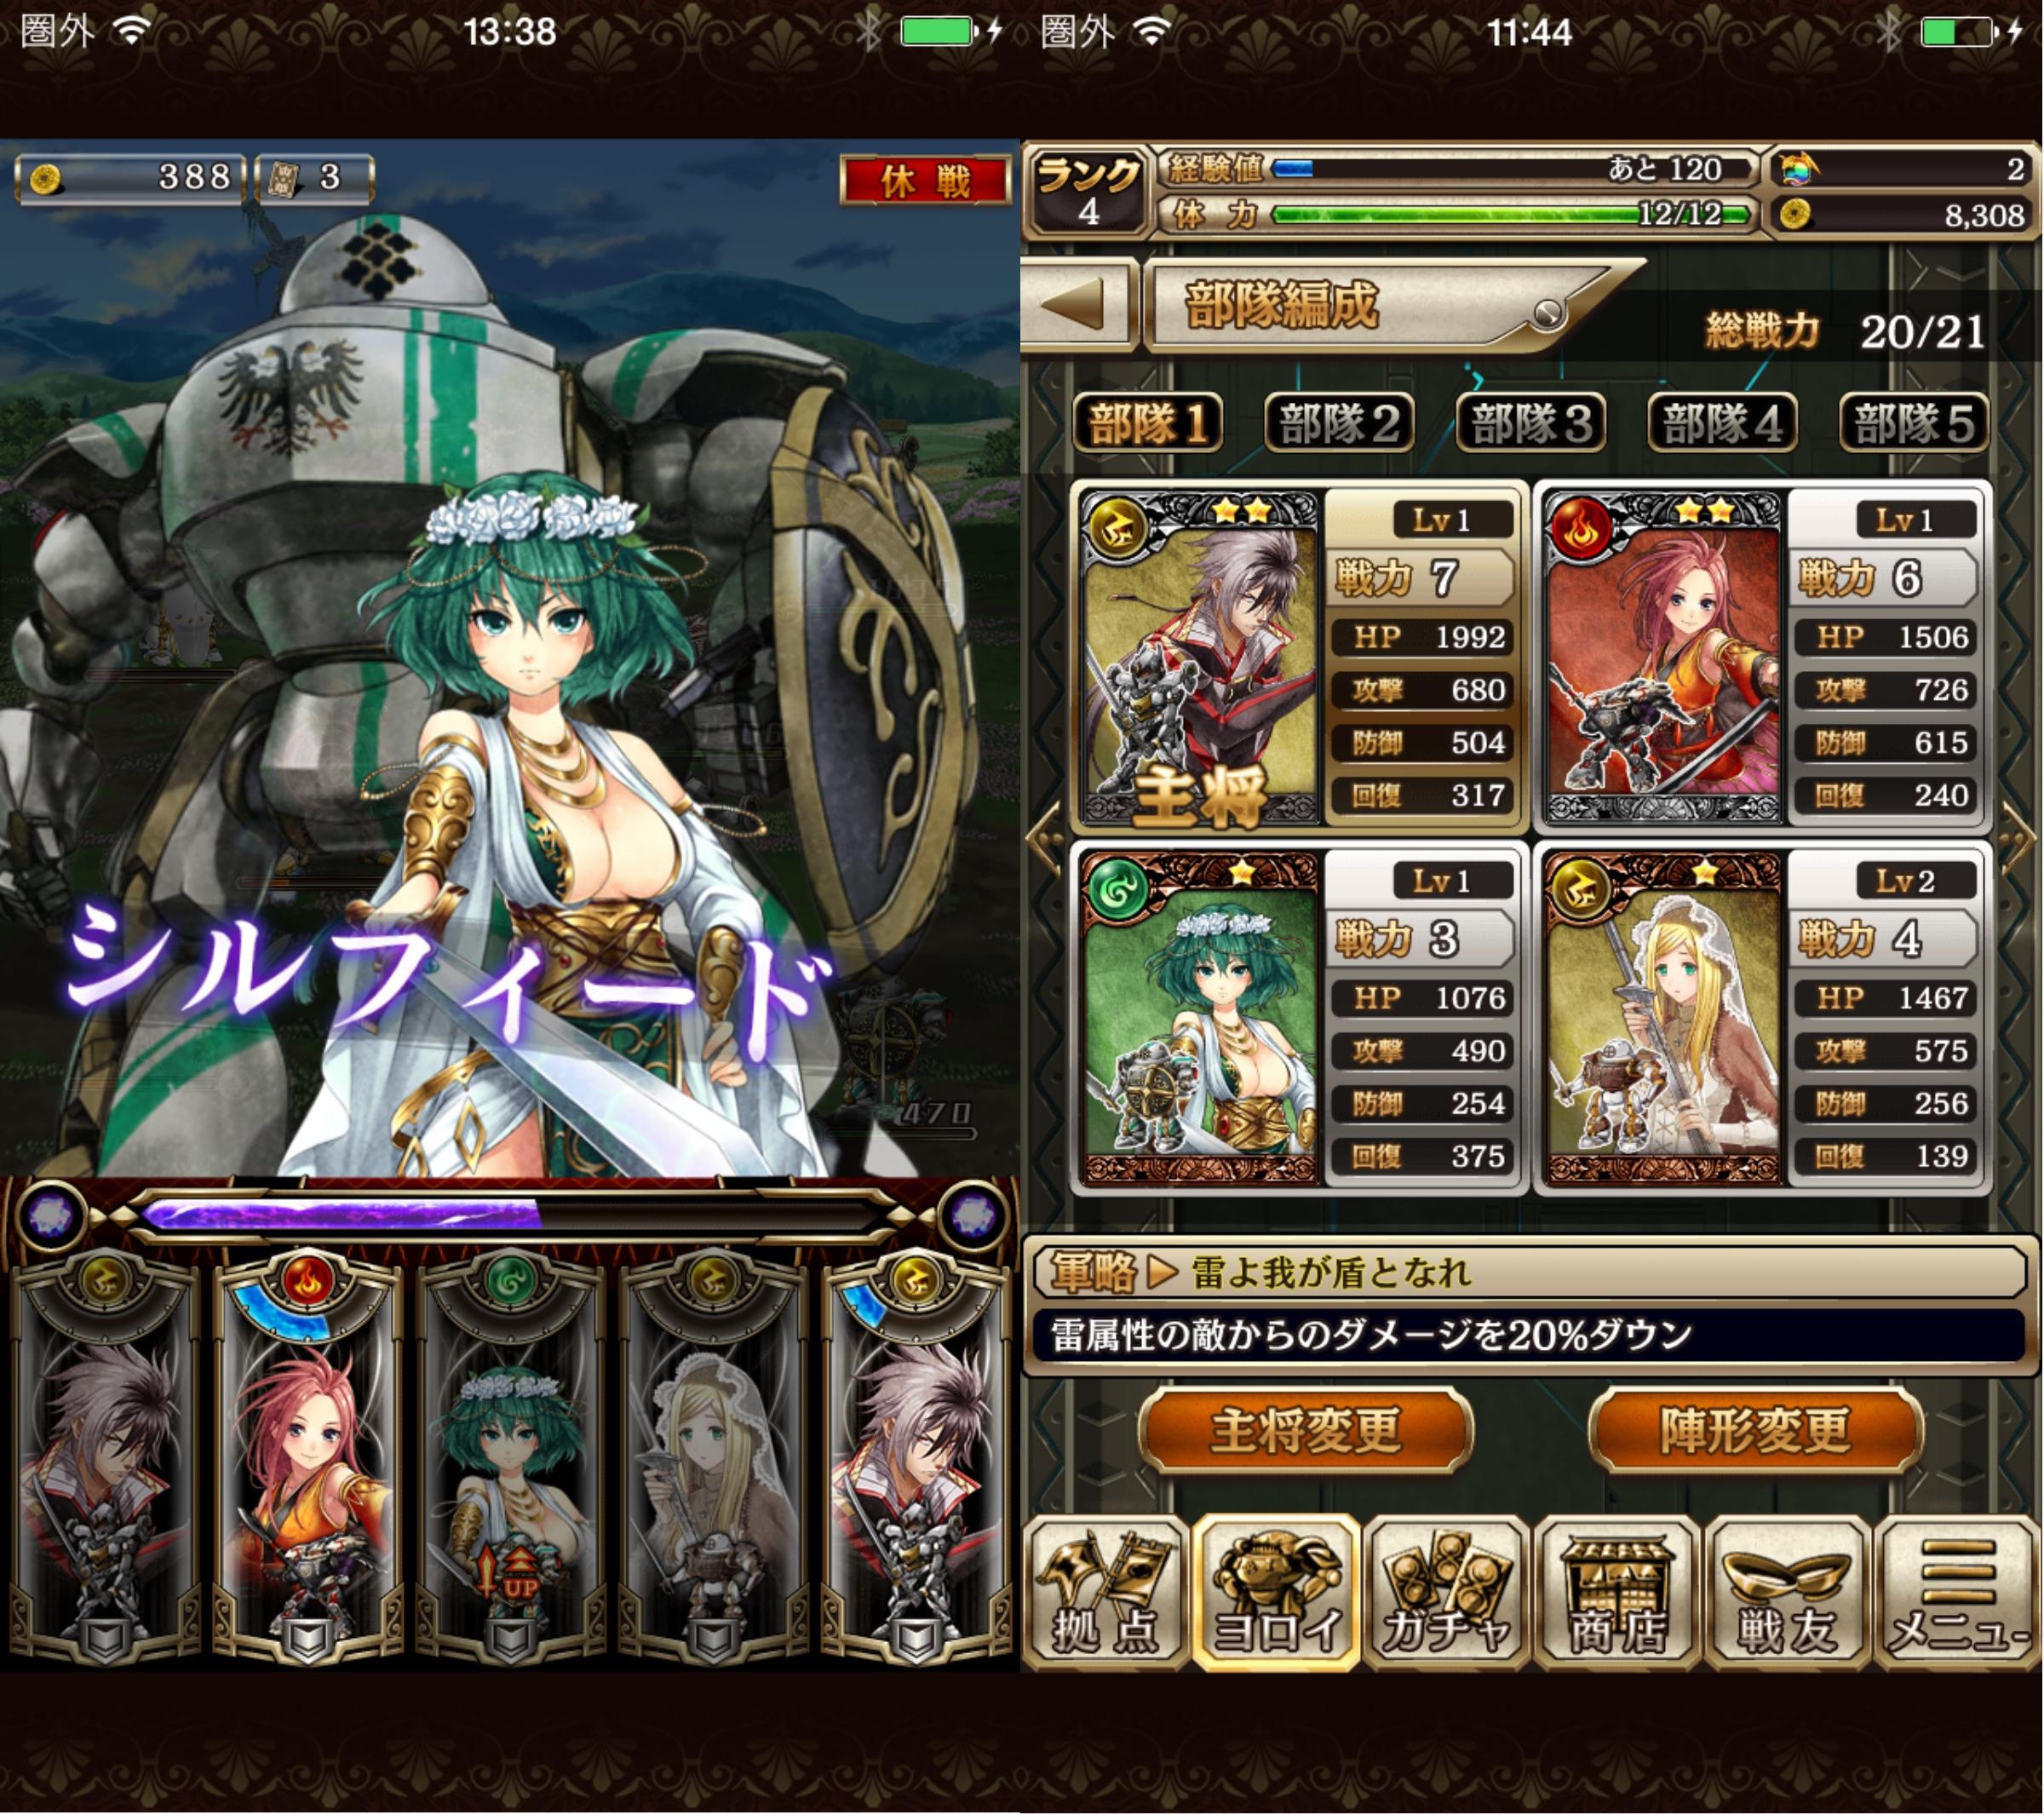 ノブナガ・ザ・フール 戦乱のレガリア androidアプリスクリーンショット3